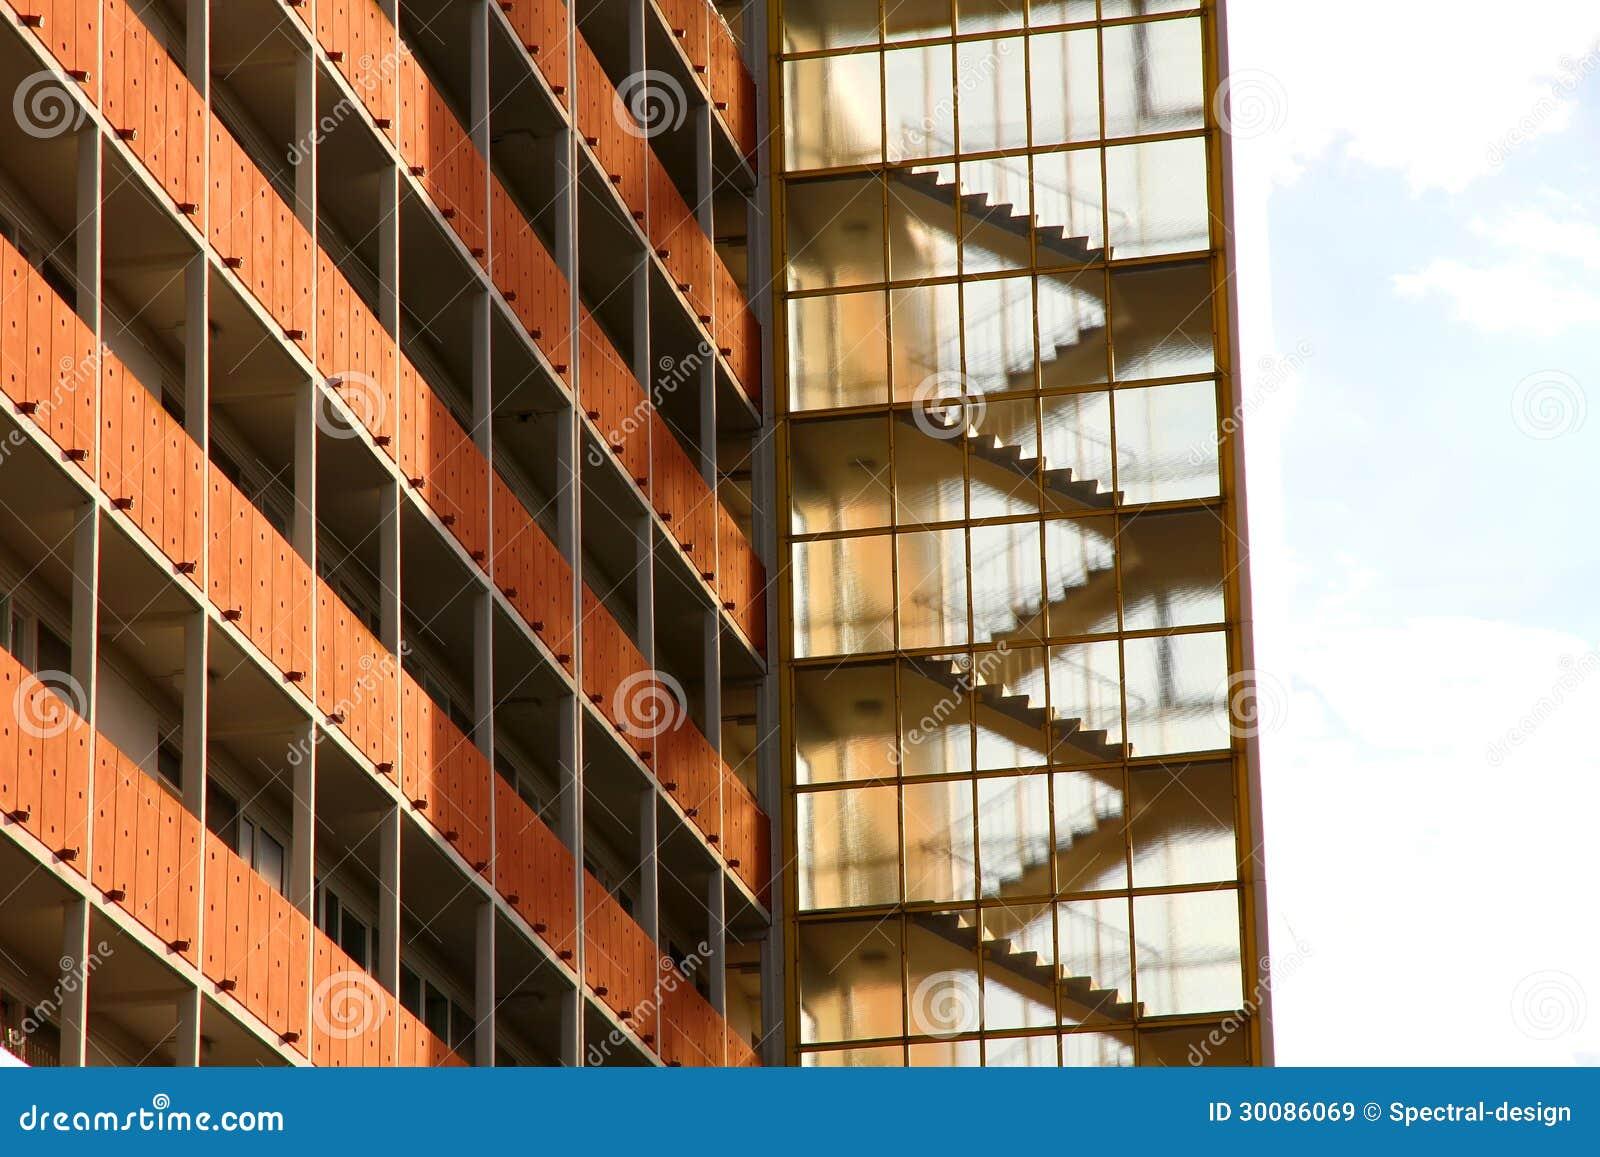 Moderne Architektur In Berlin Stockbild - Bild von outdoor, konkret ...